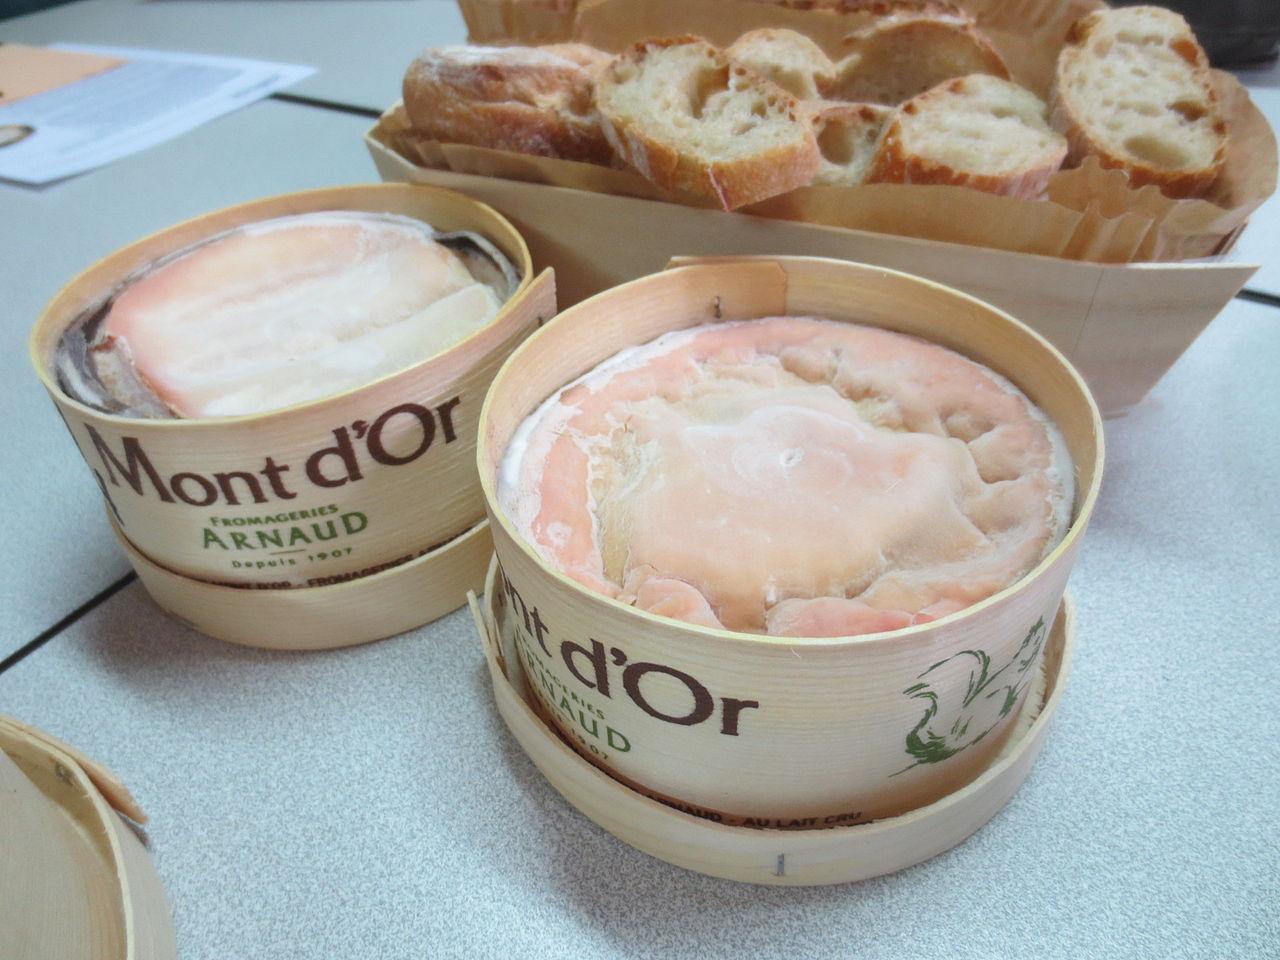 Cuisine Pas Cher Lyon mont d'or lyonnais - cheese